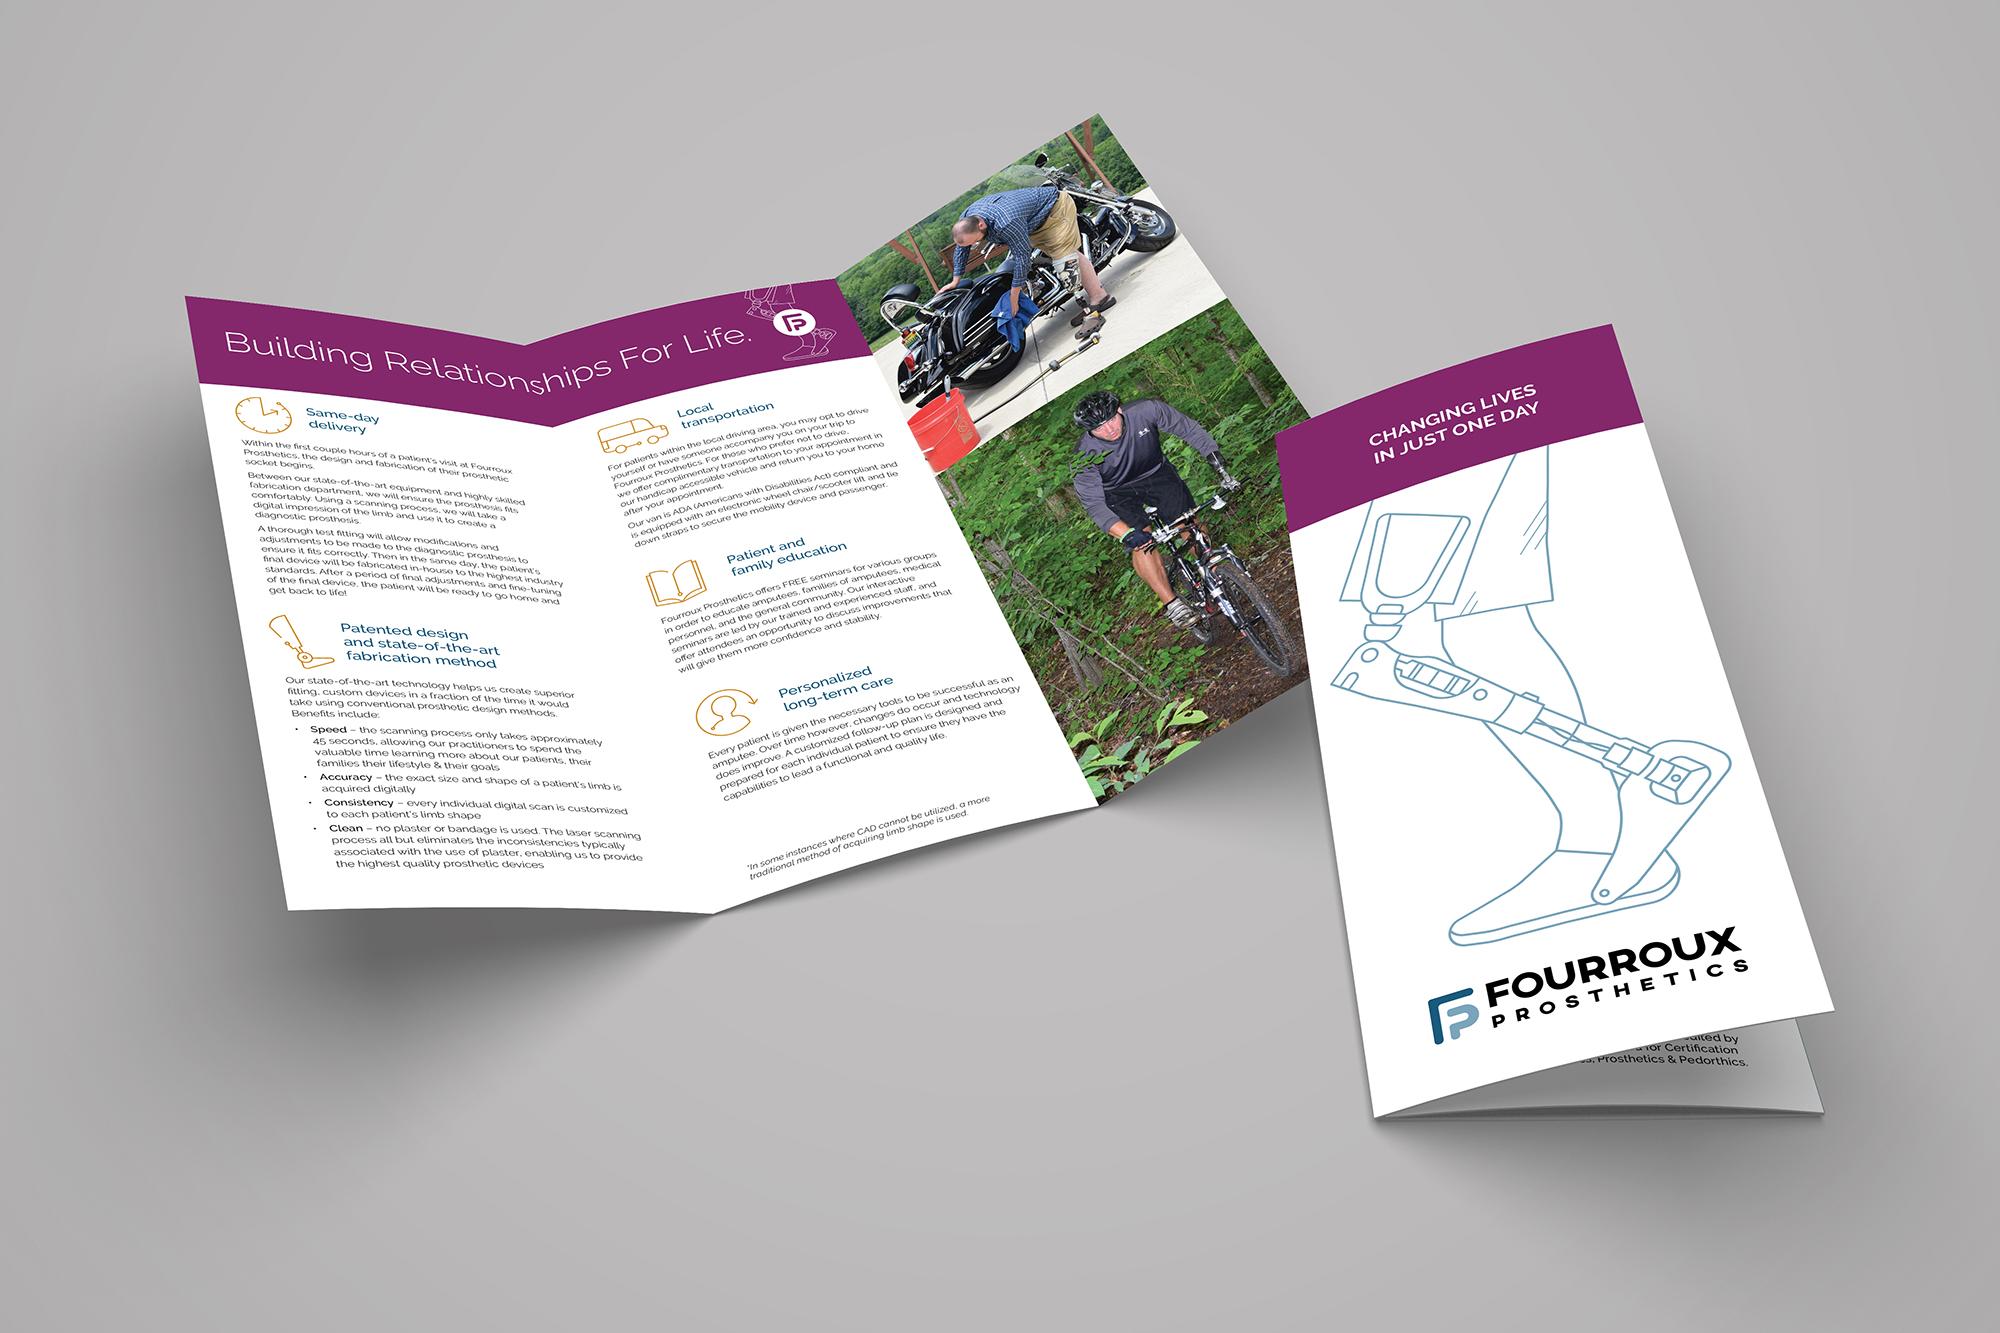 Fourroux Brochure